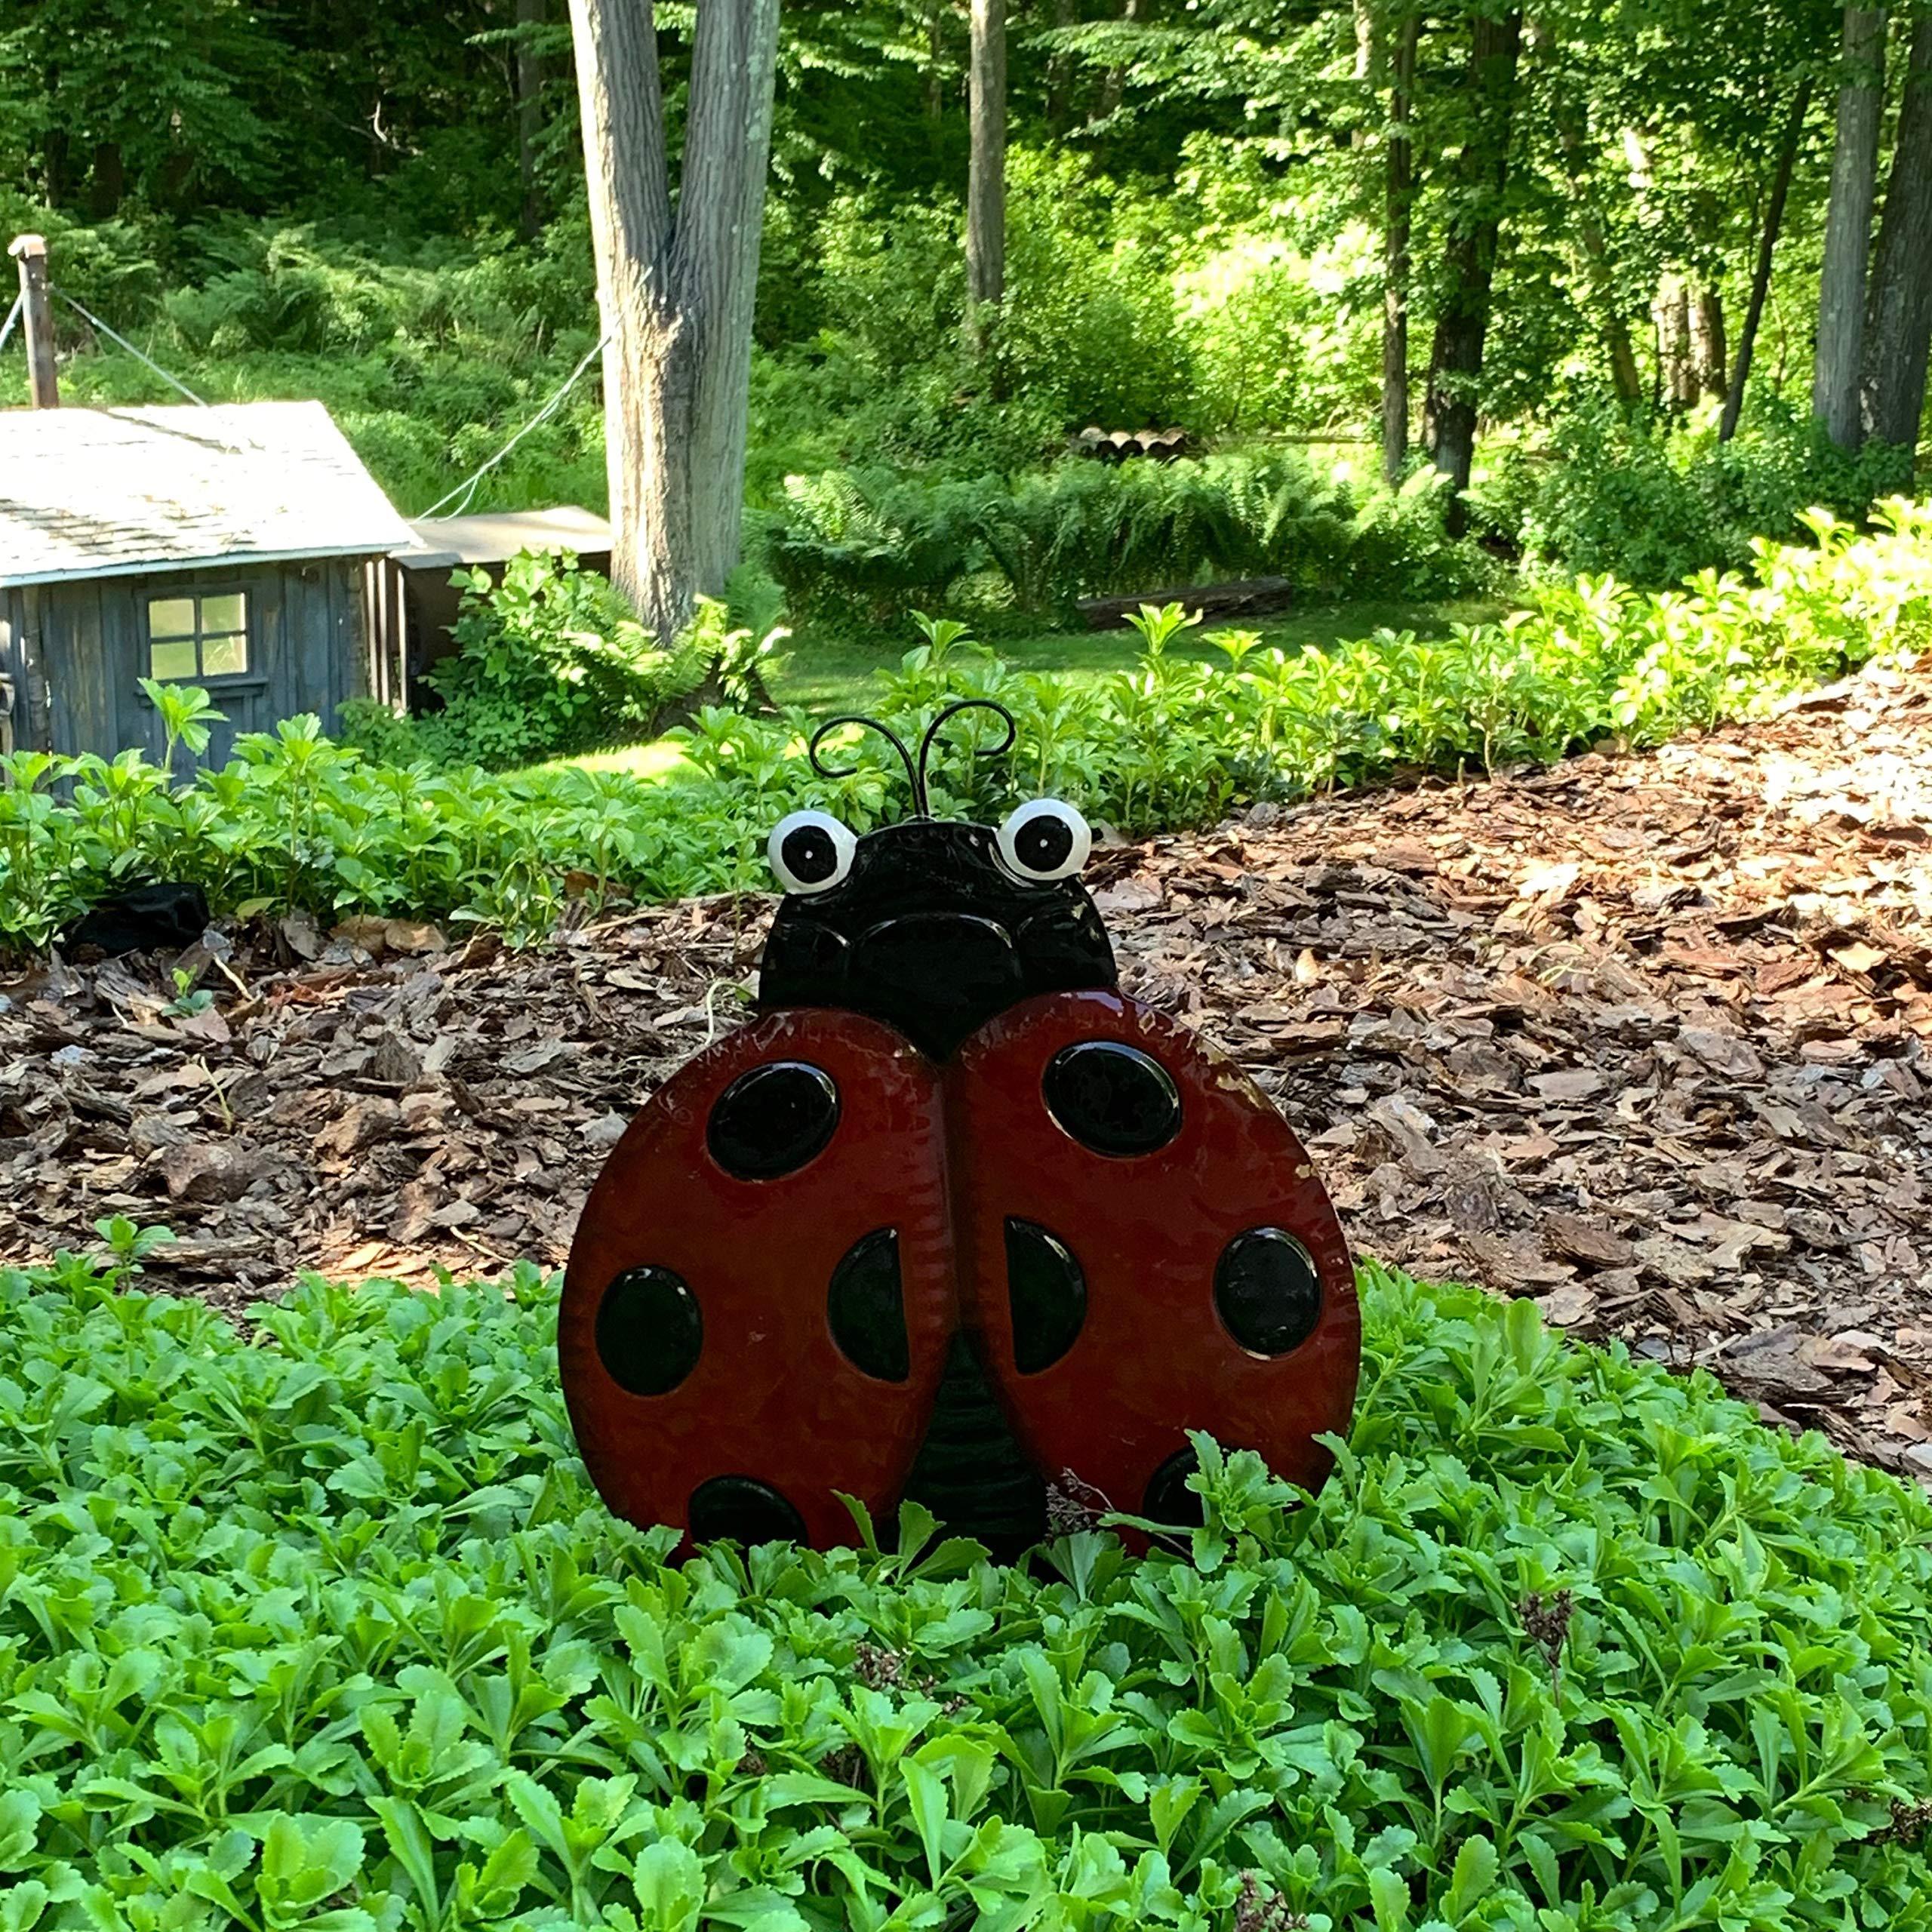 Decoración de jardín de Mariquita de Metal Decorativa en 2 estacas estabilizadoras – Decoración de Cama de jardín – Complementos Hierbas Jardines y Flores Camas: Amazon.es: Jardín